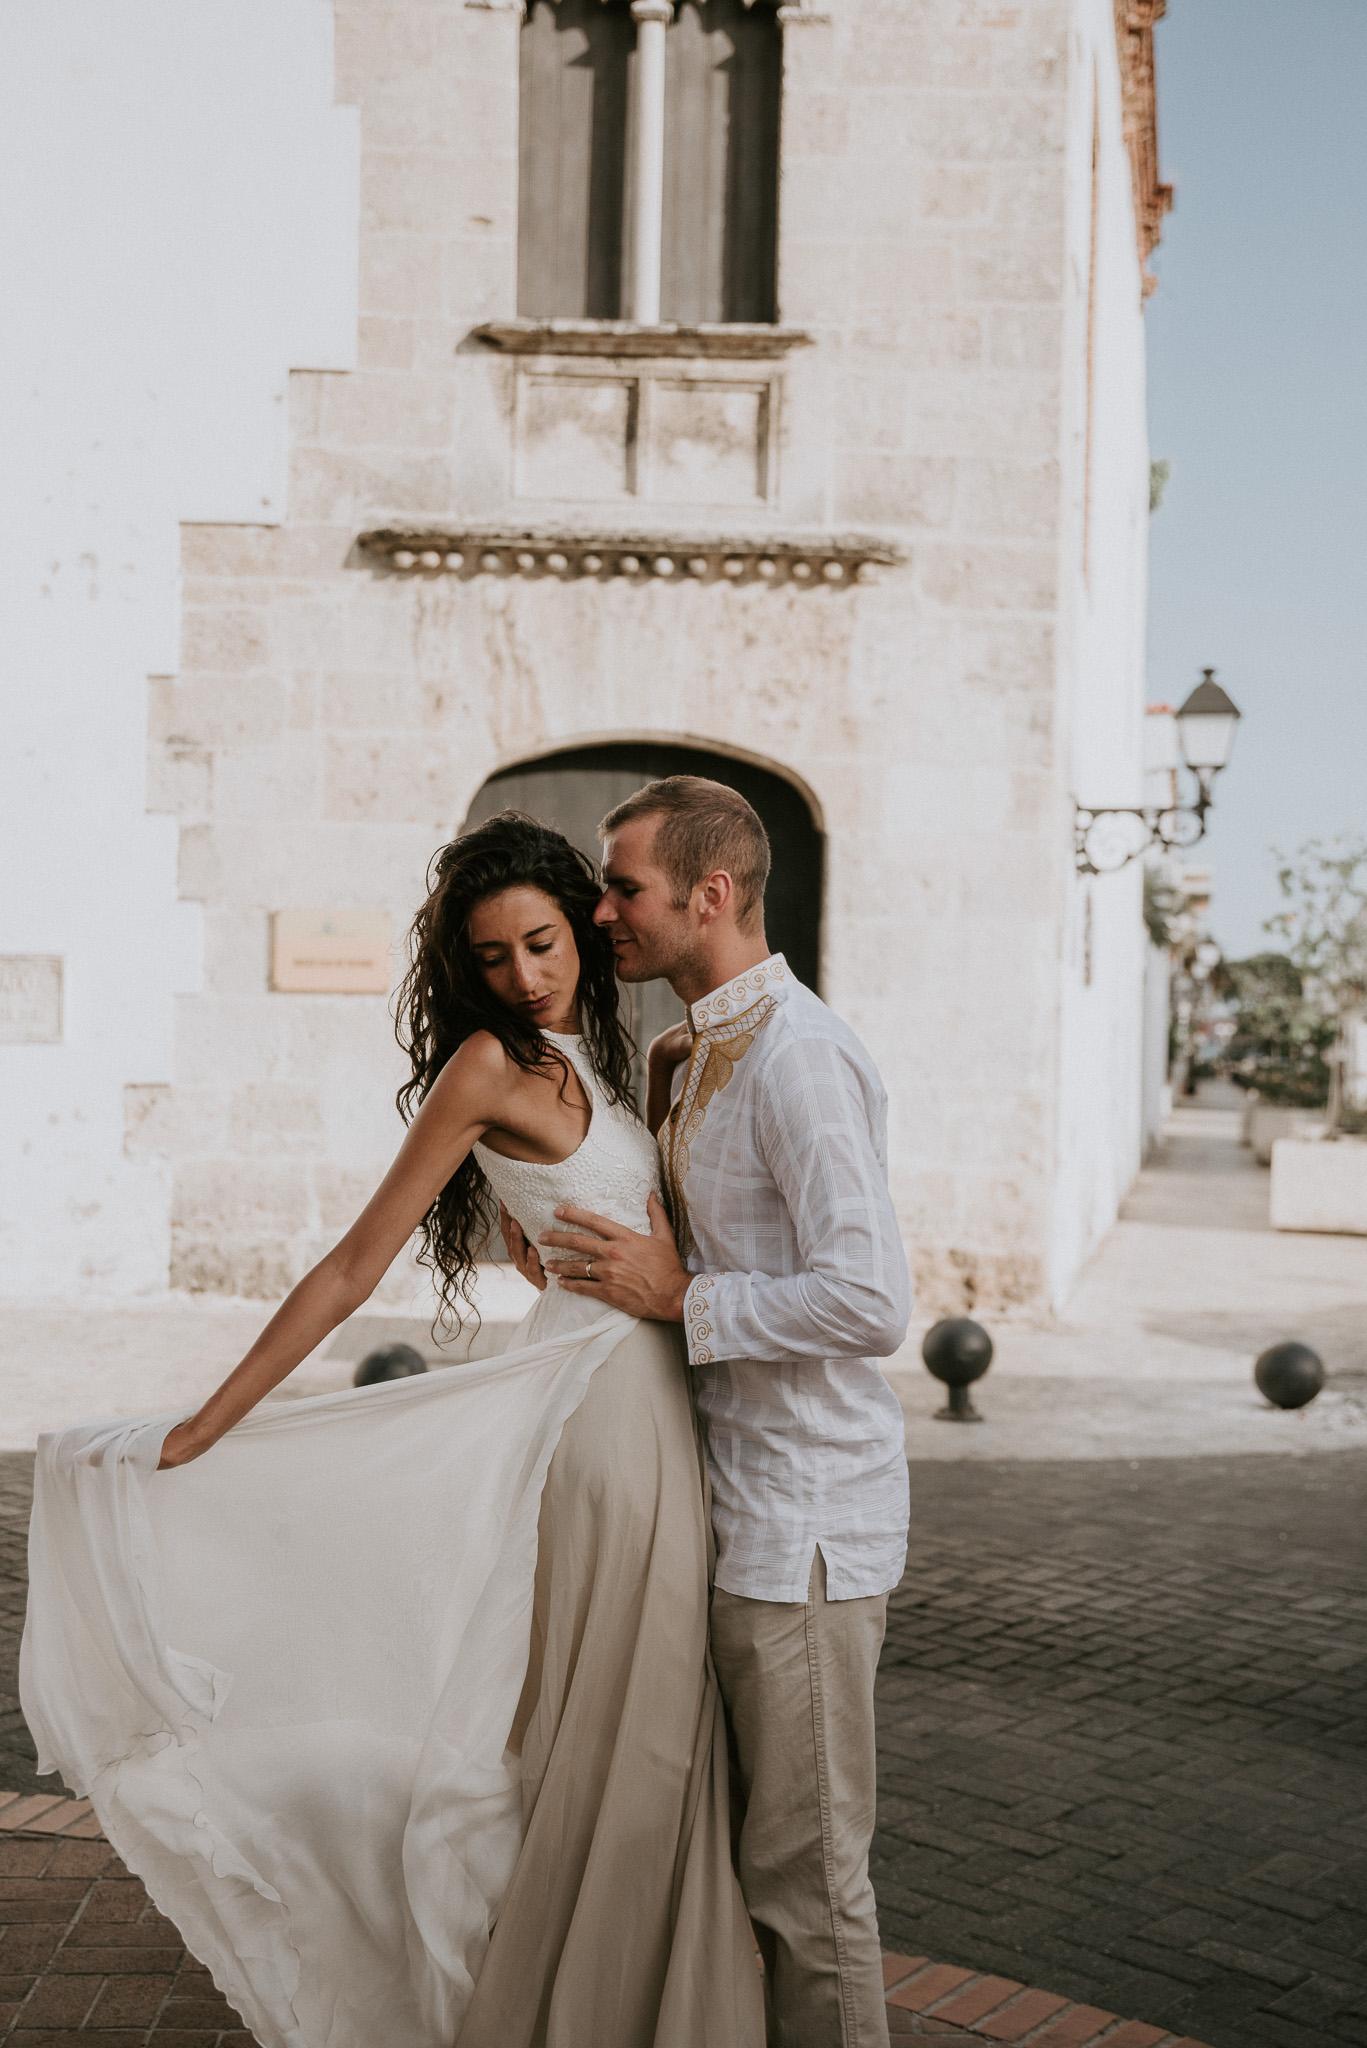 Valerie & Zack Prbeoda-88.jpg